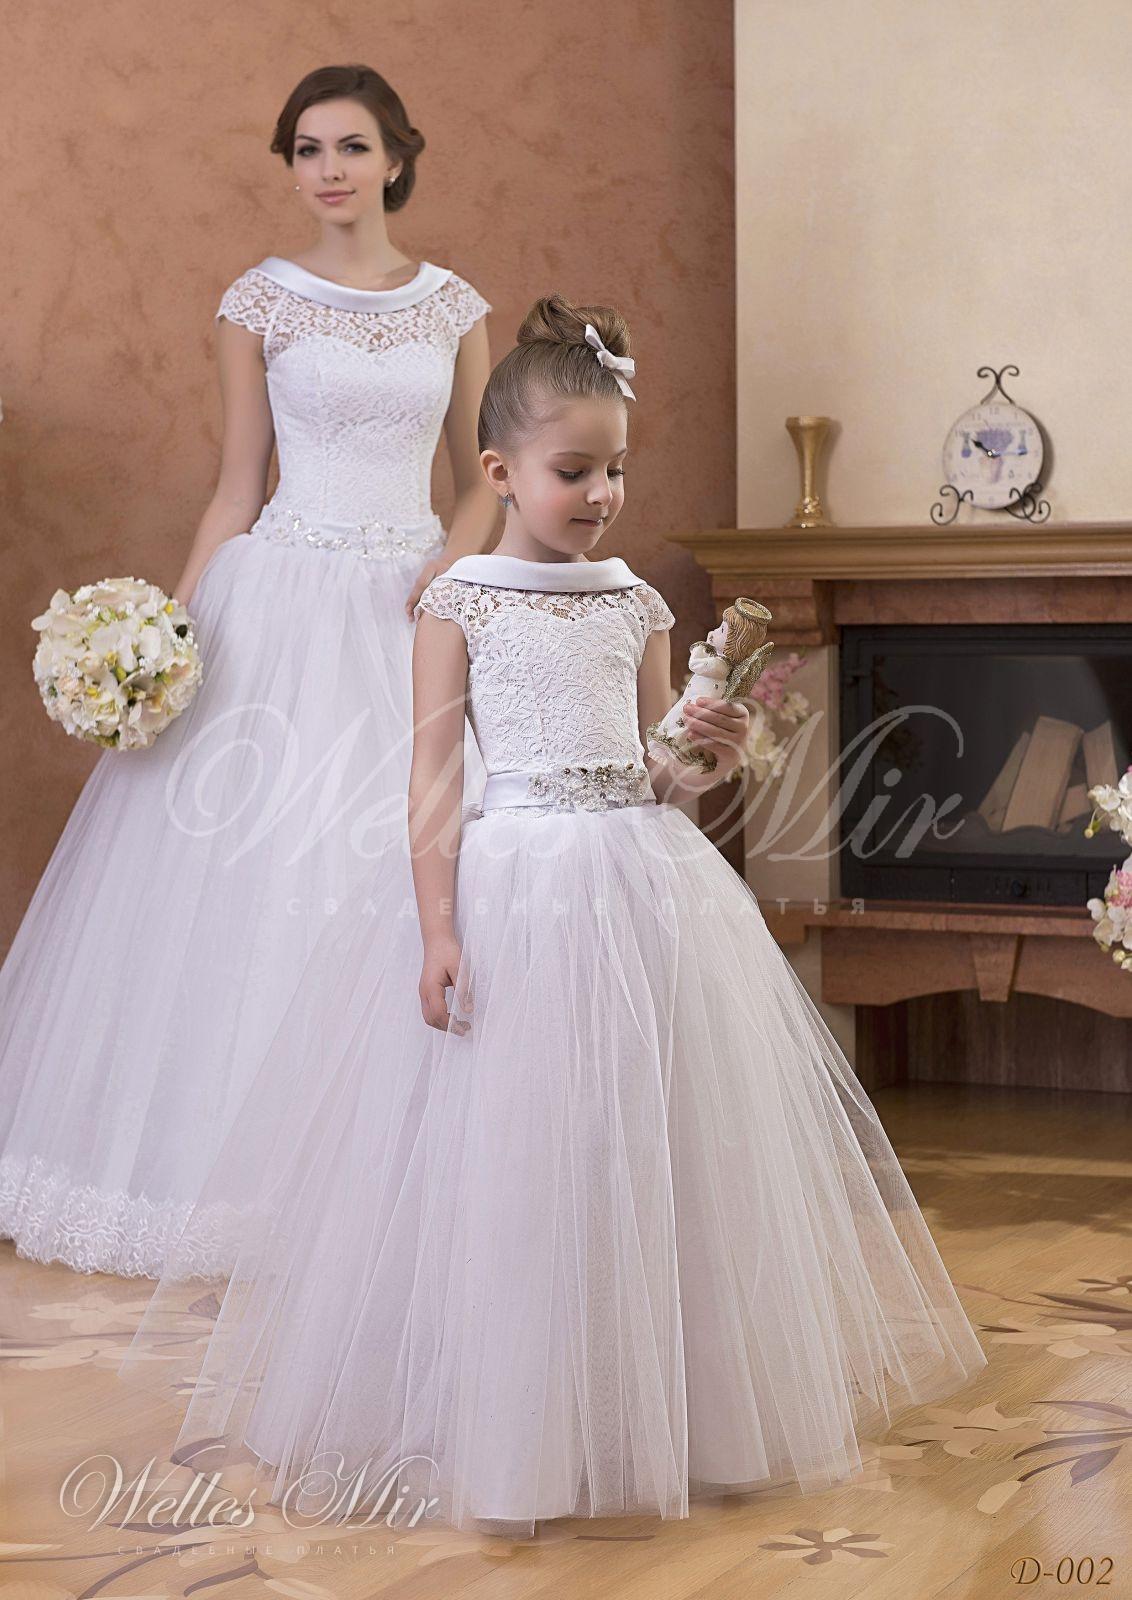 Детские платья Детские платья 1 - D-002